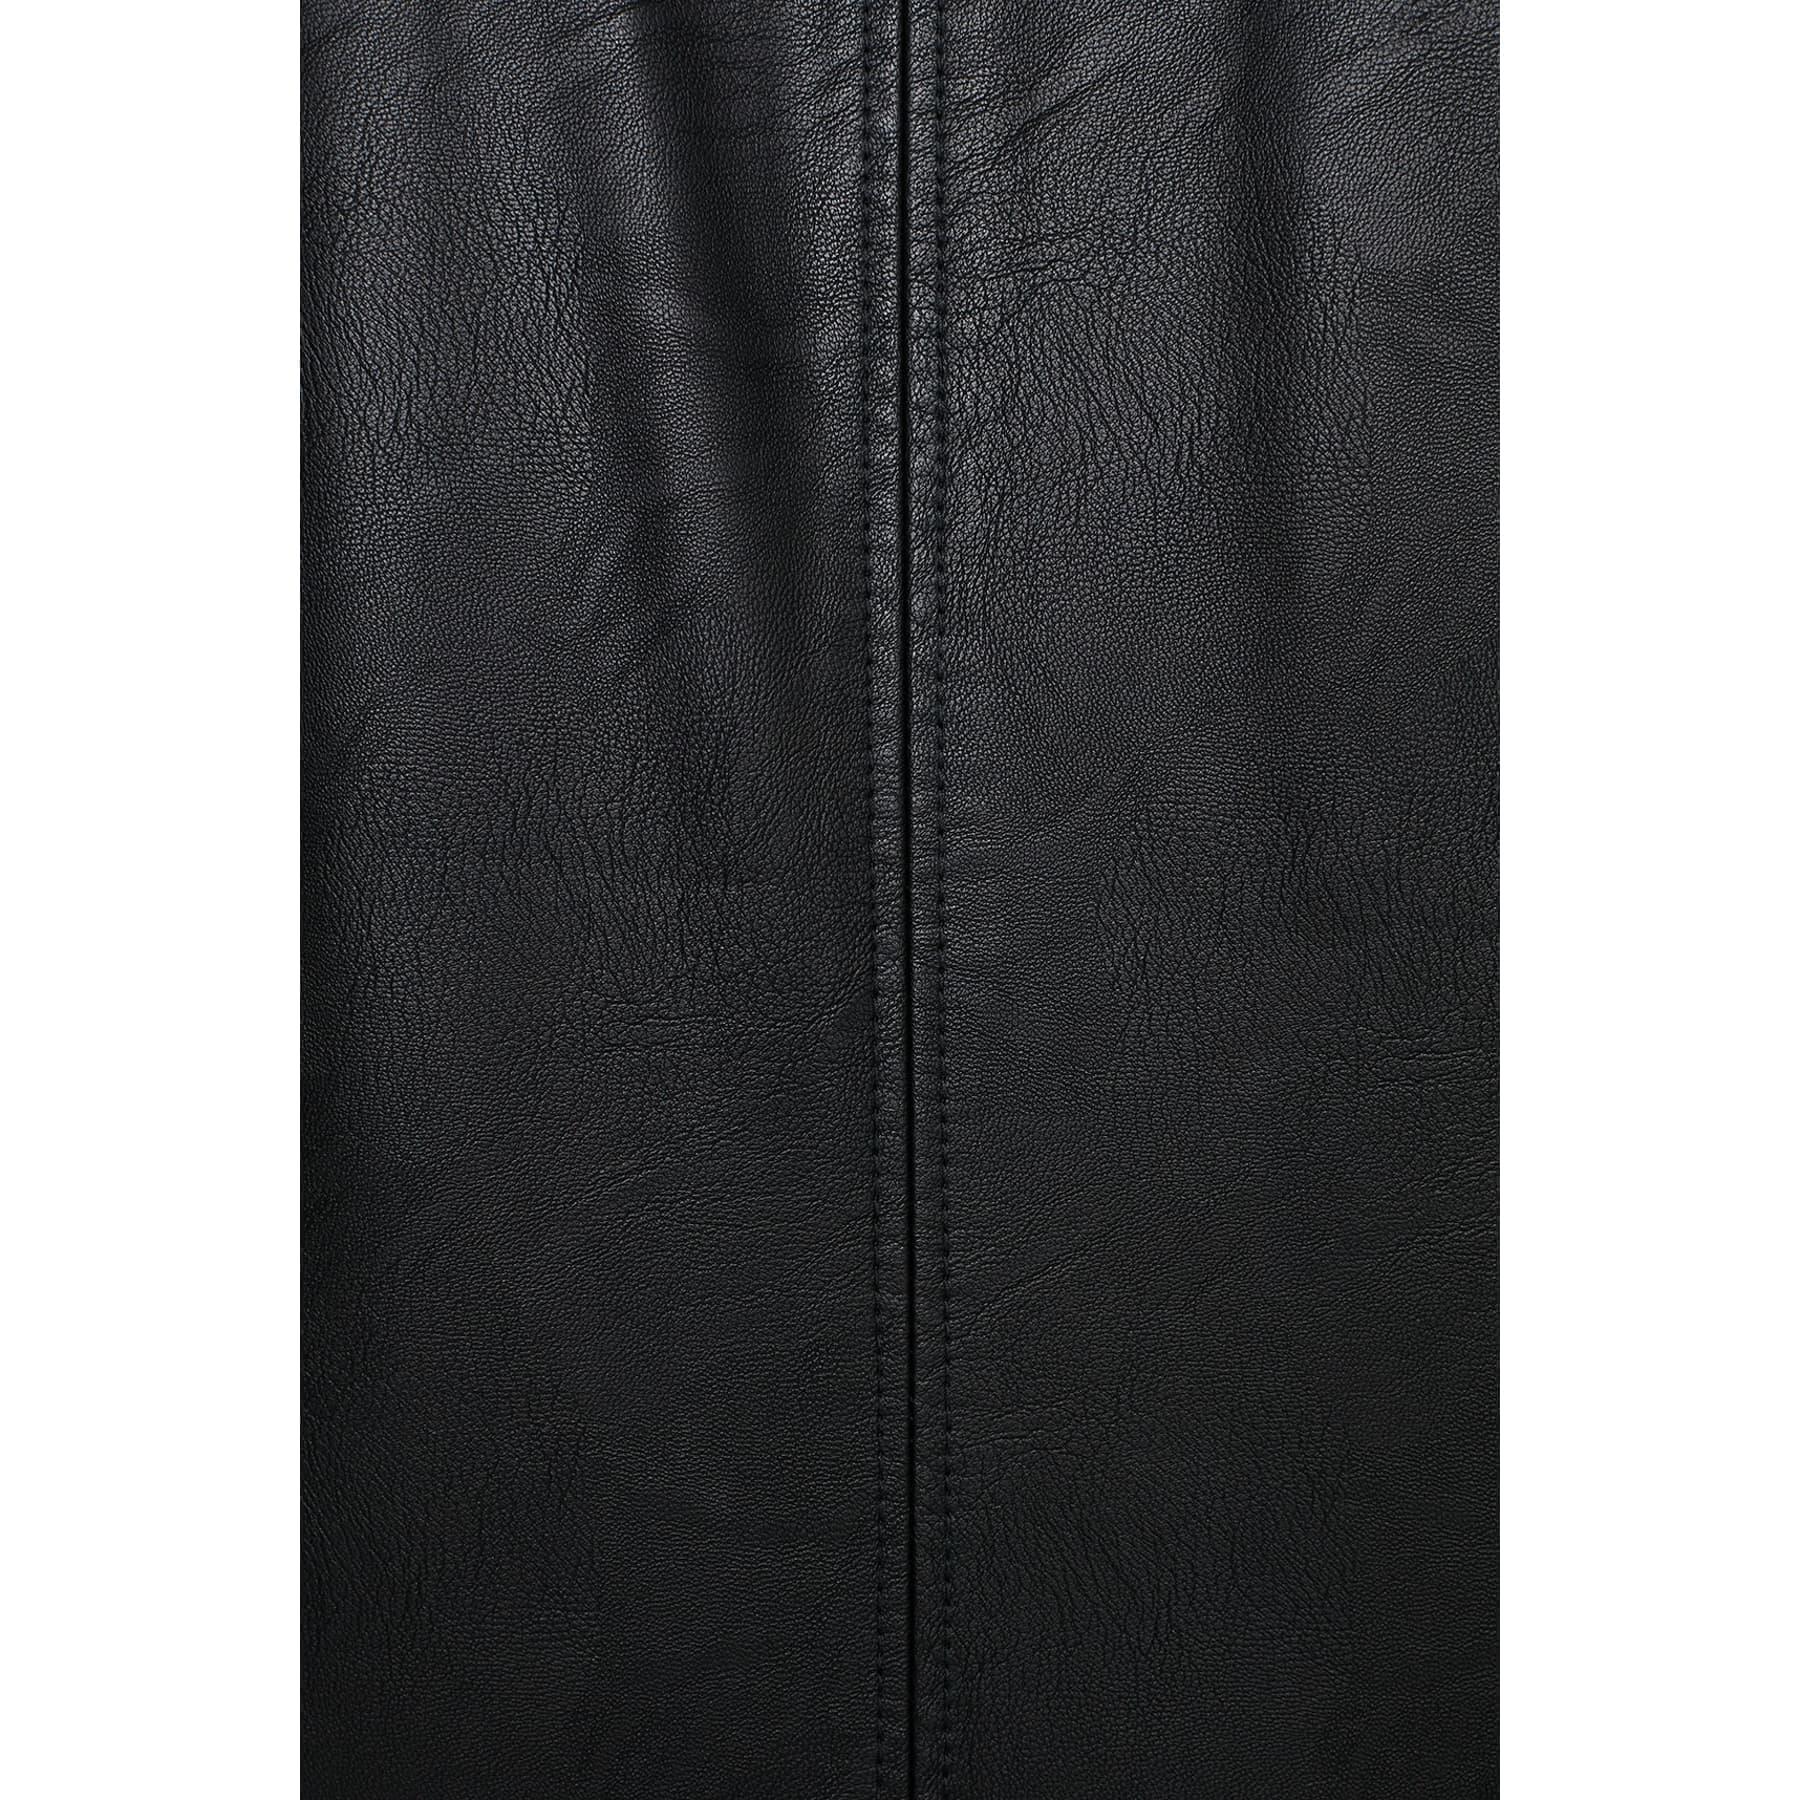 Mavi Jeans Suni Deri Erkek Siyah Ceket